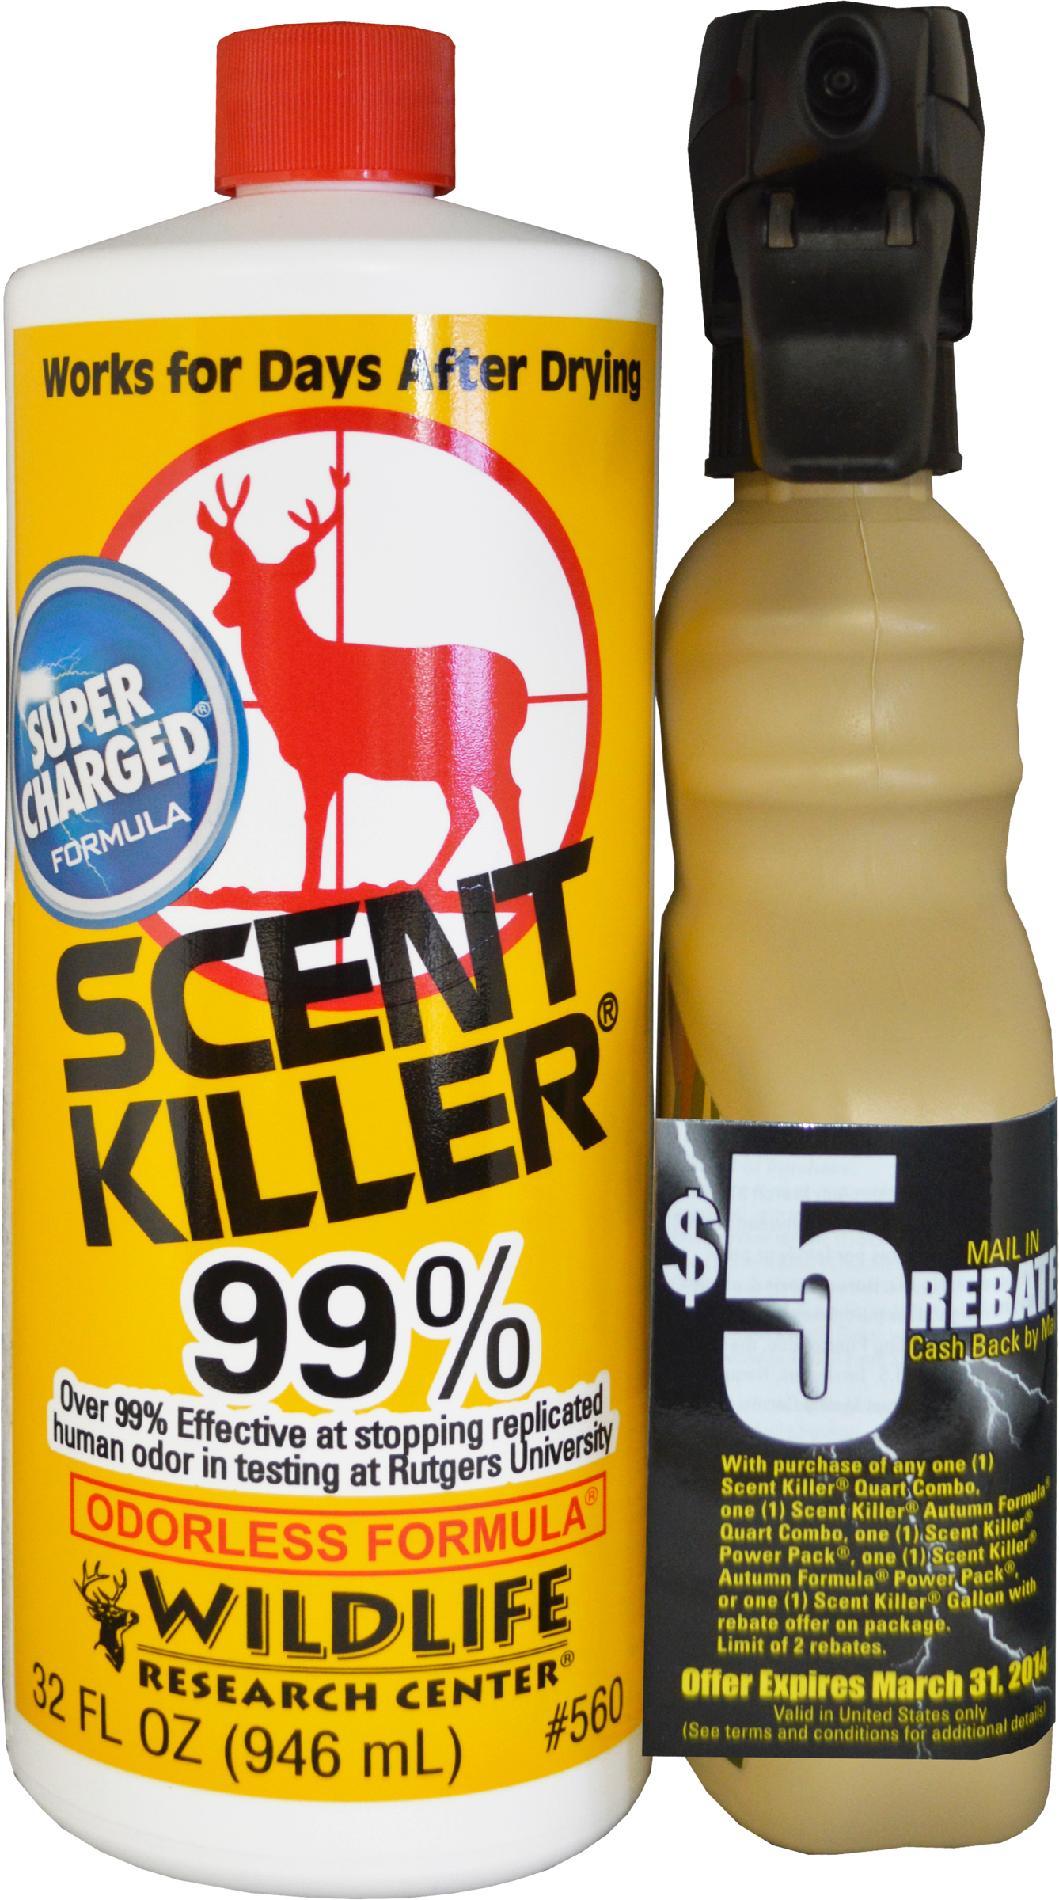 Scent Killer PartNumber: 089W025385111001P KsnValue: 25385111 MfgPartNumber: 560 QT/4OZ